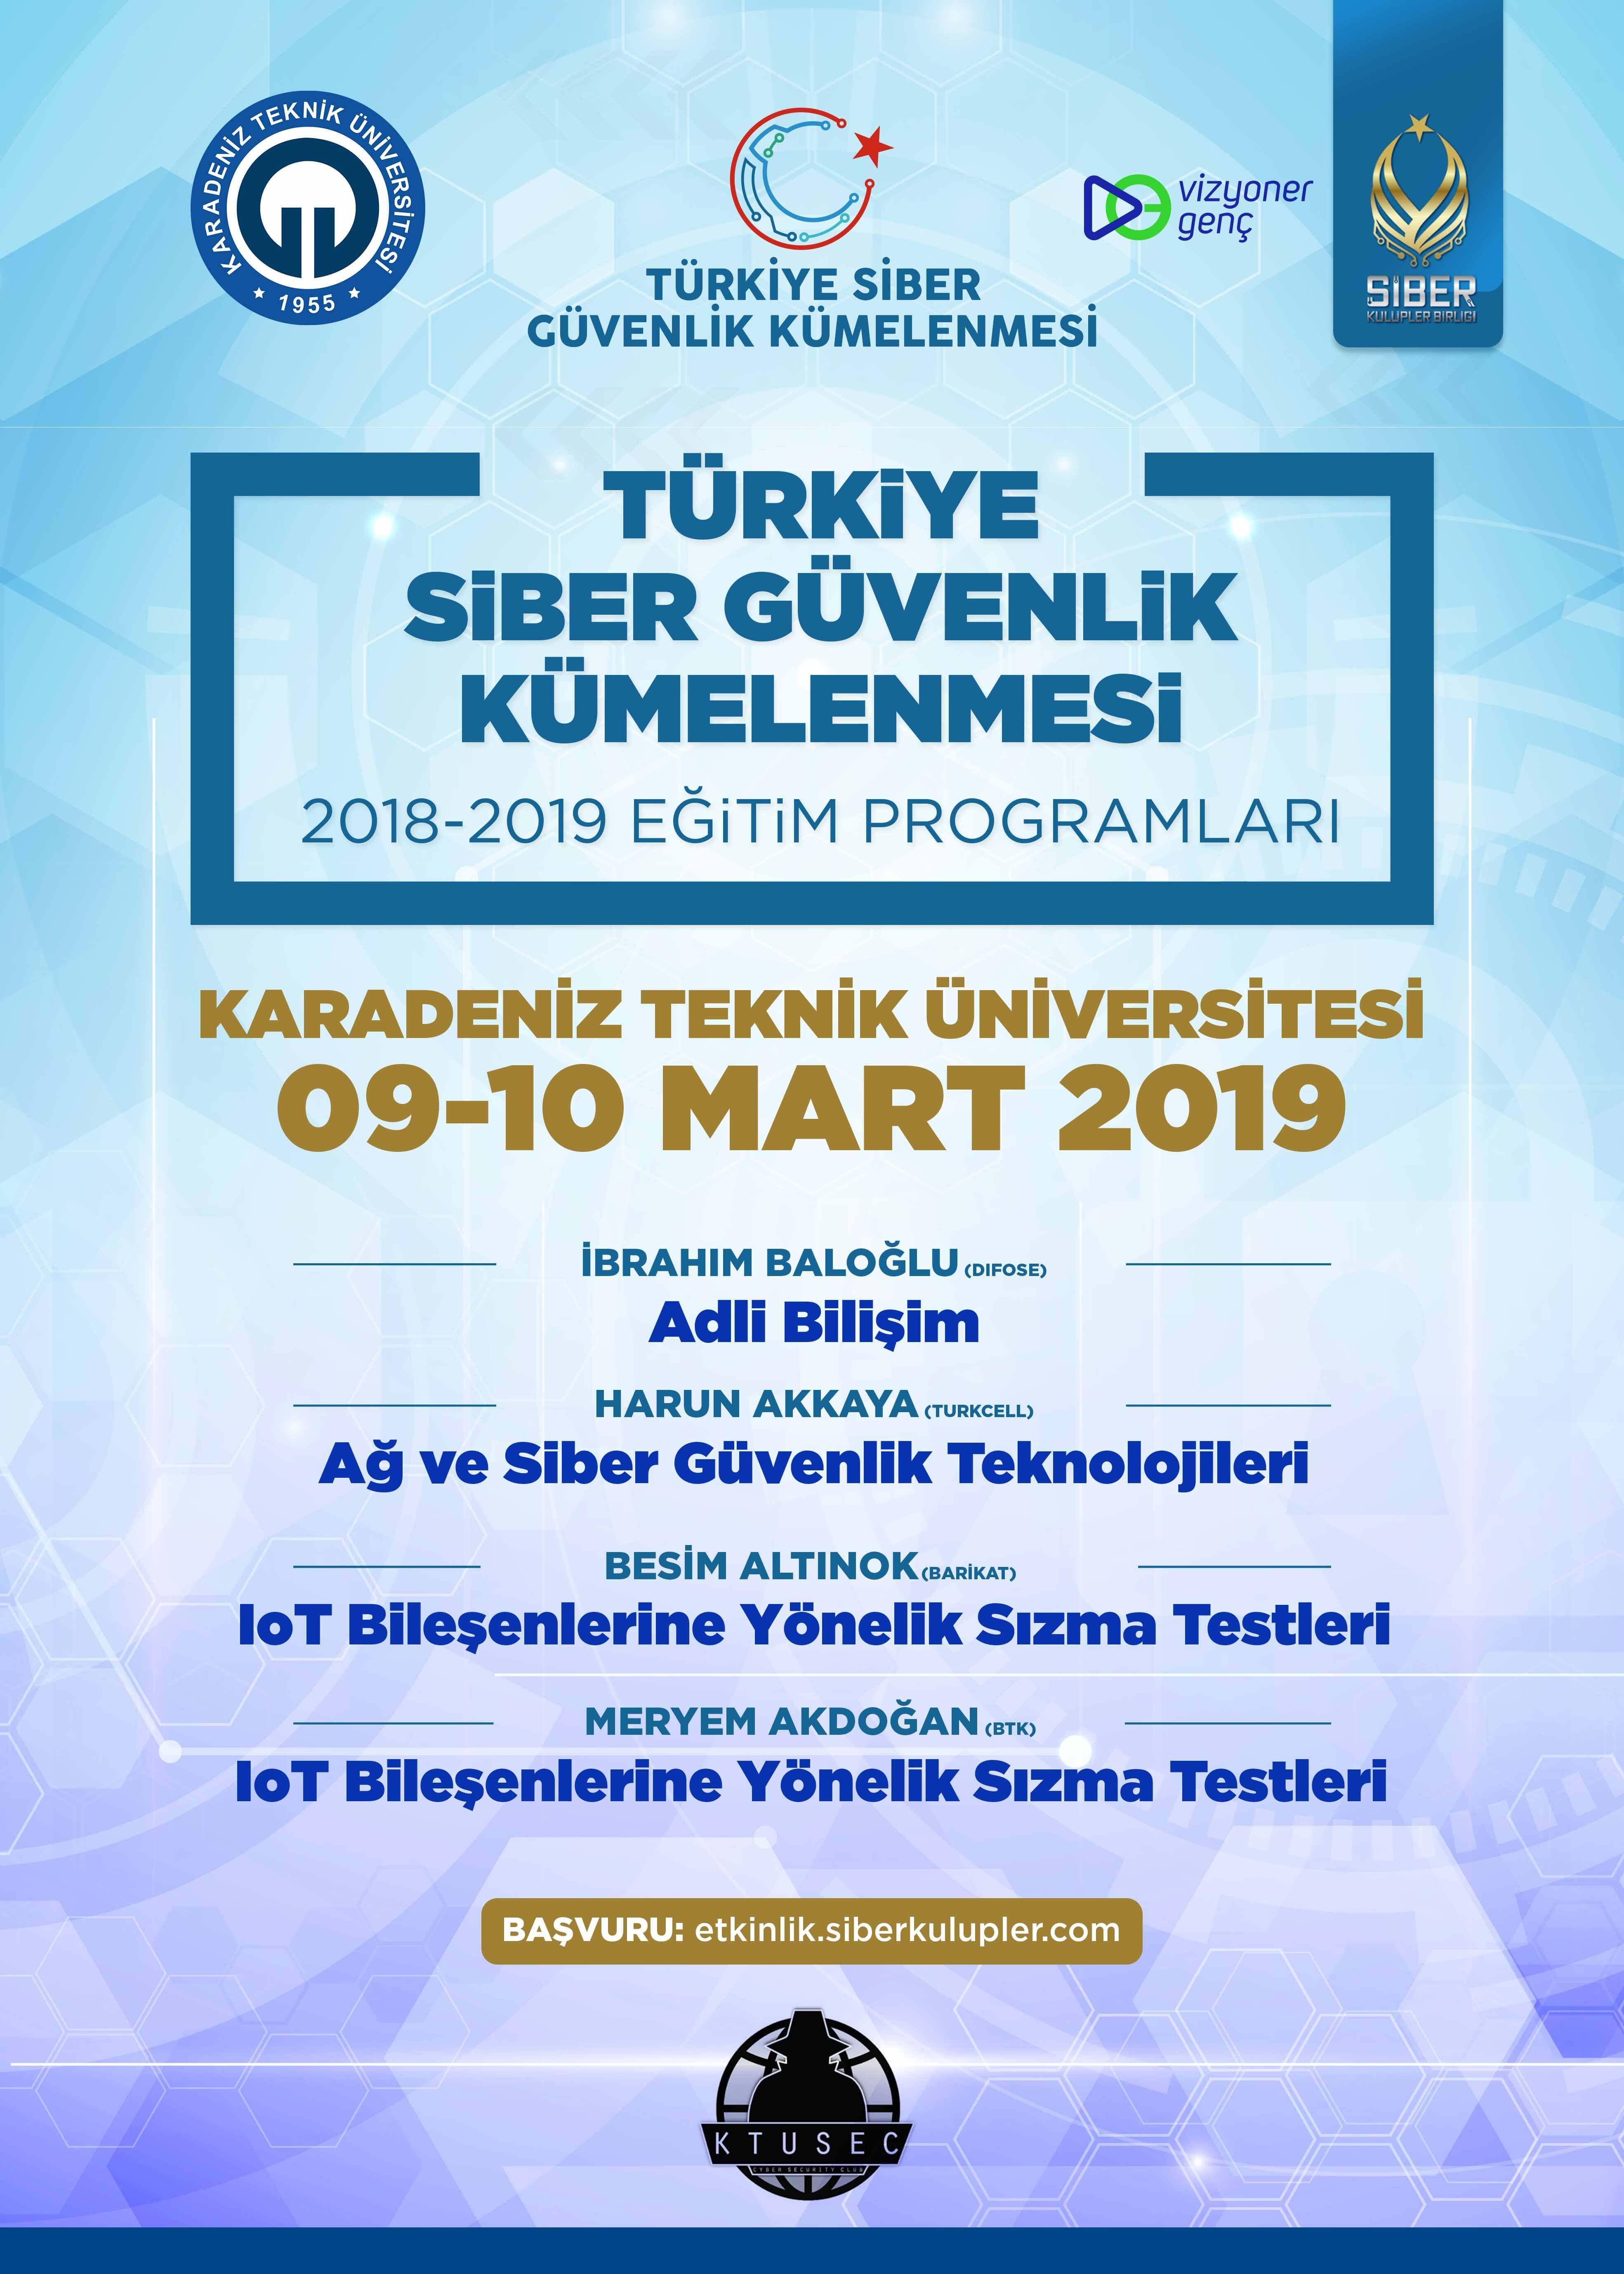 Türkiye Siber Güvenlik Kümelenmesi 2018- 2019 Eğitim Programları: Karadeniz Teknik Üniversitesi Eğitimleri